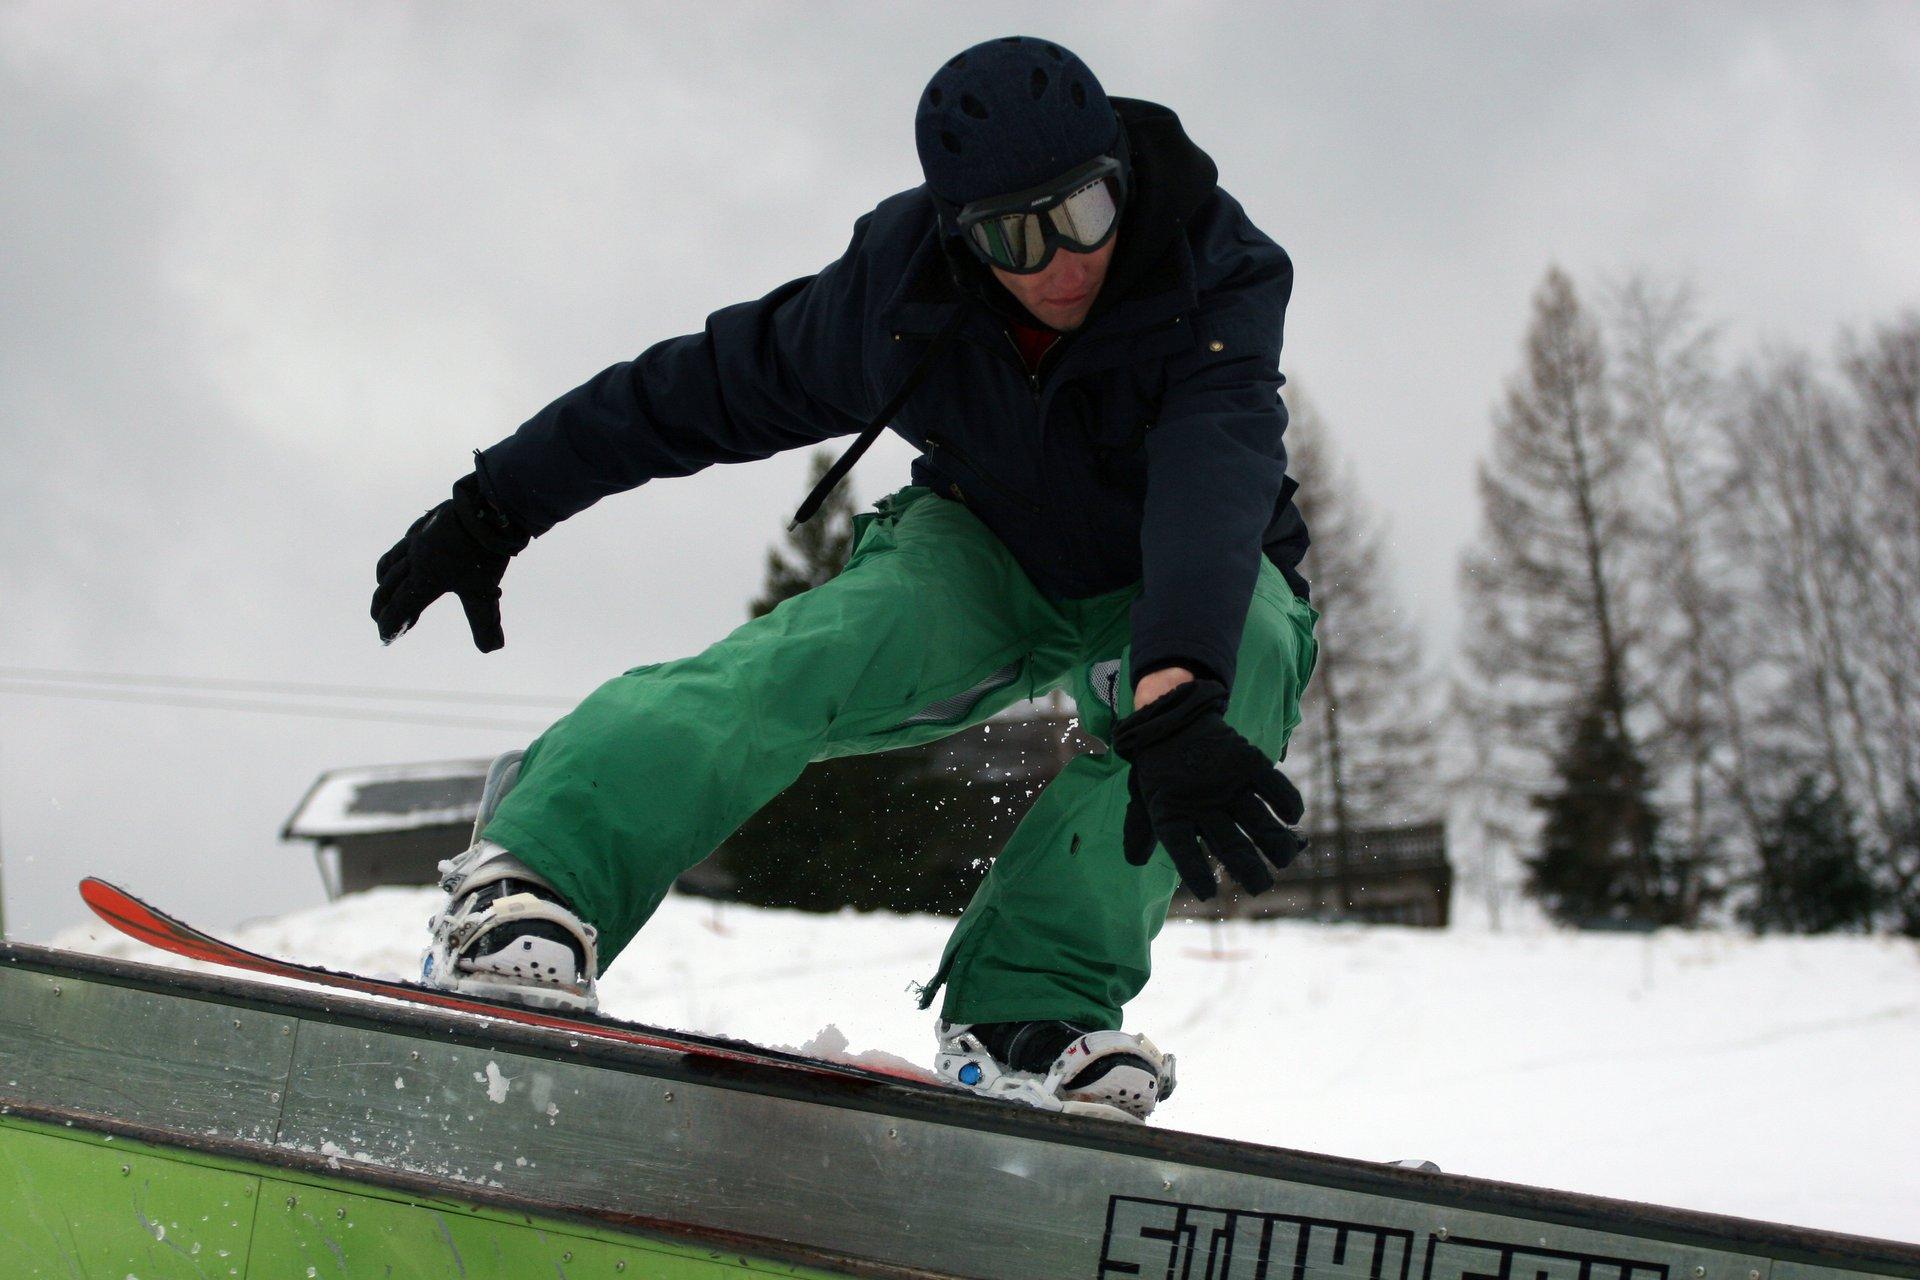 Snowboard bs dub kink